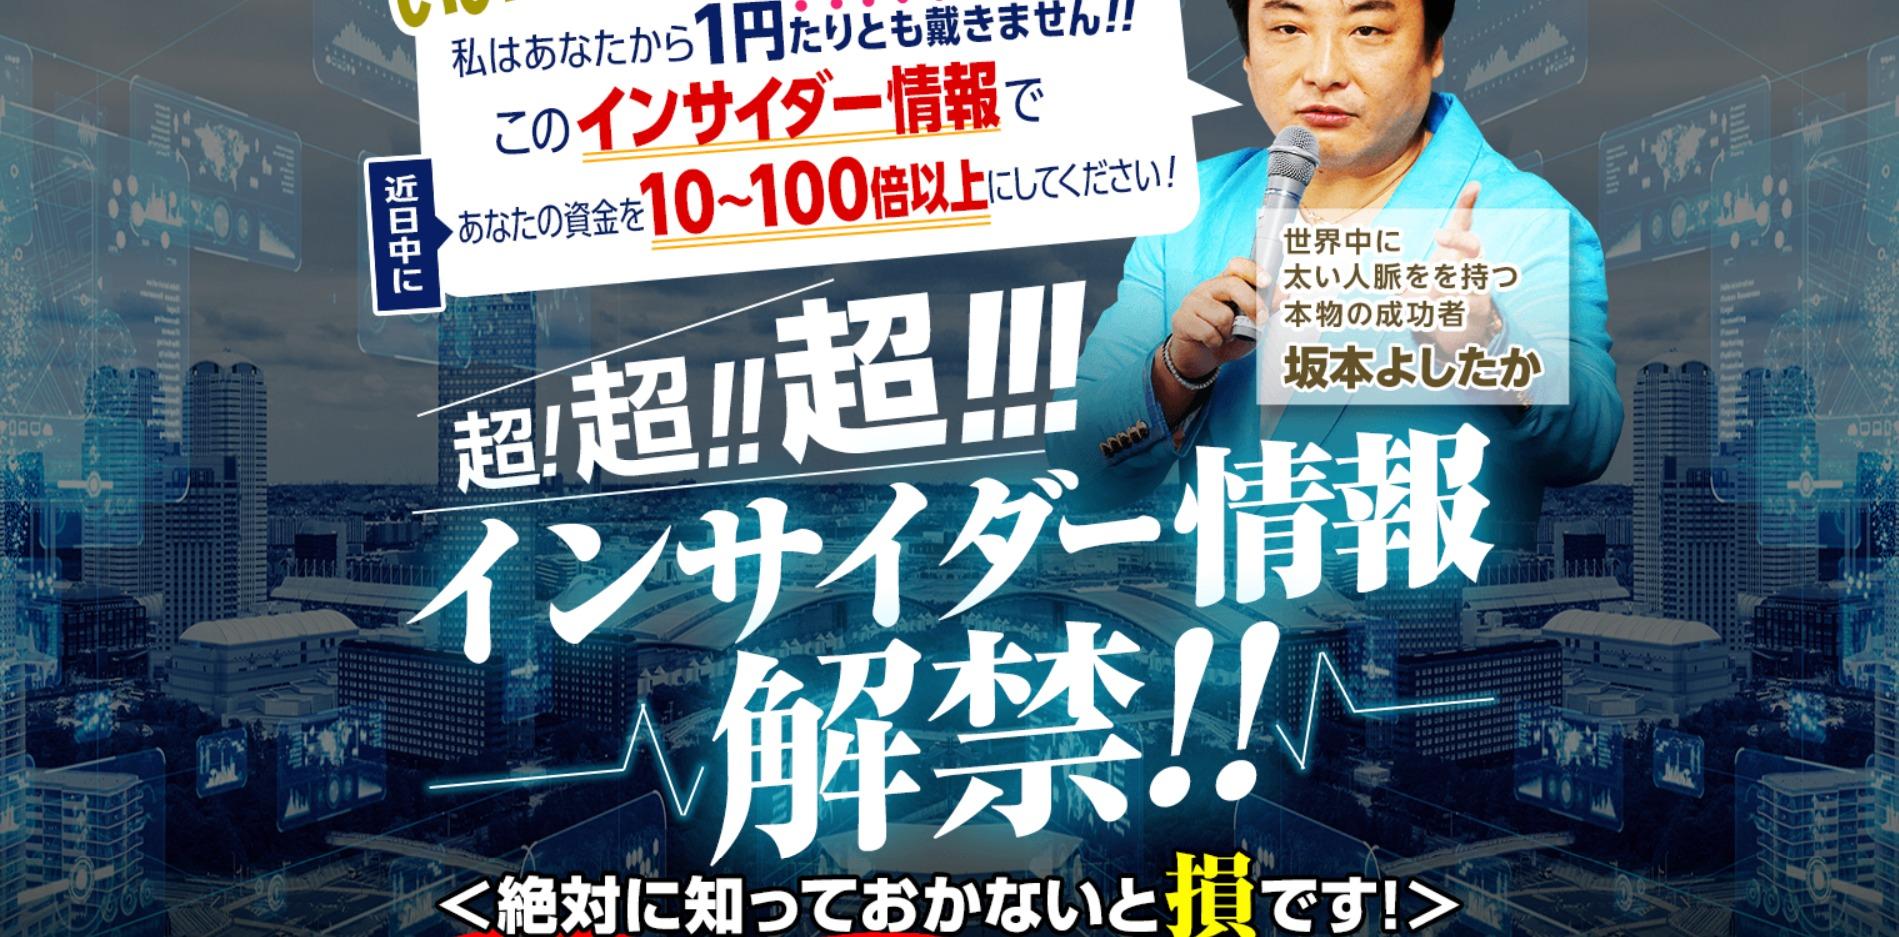 坂本よしたかのBitForex(ビットフォレックス)資産100倍!?1万円を100万円にリアルにする超・極秘インサイダー情報・・・その実態とは?